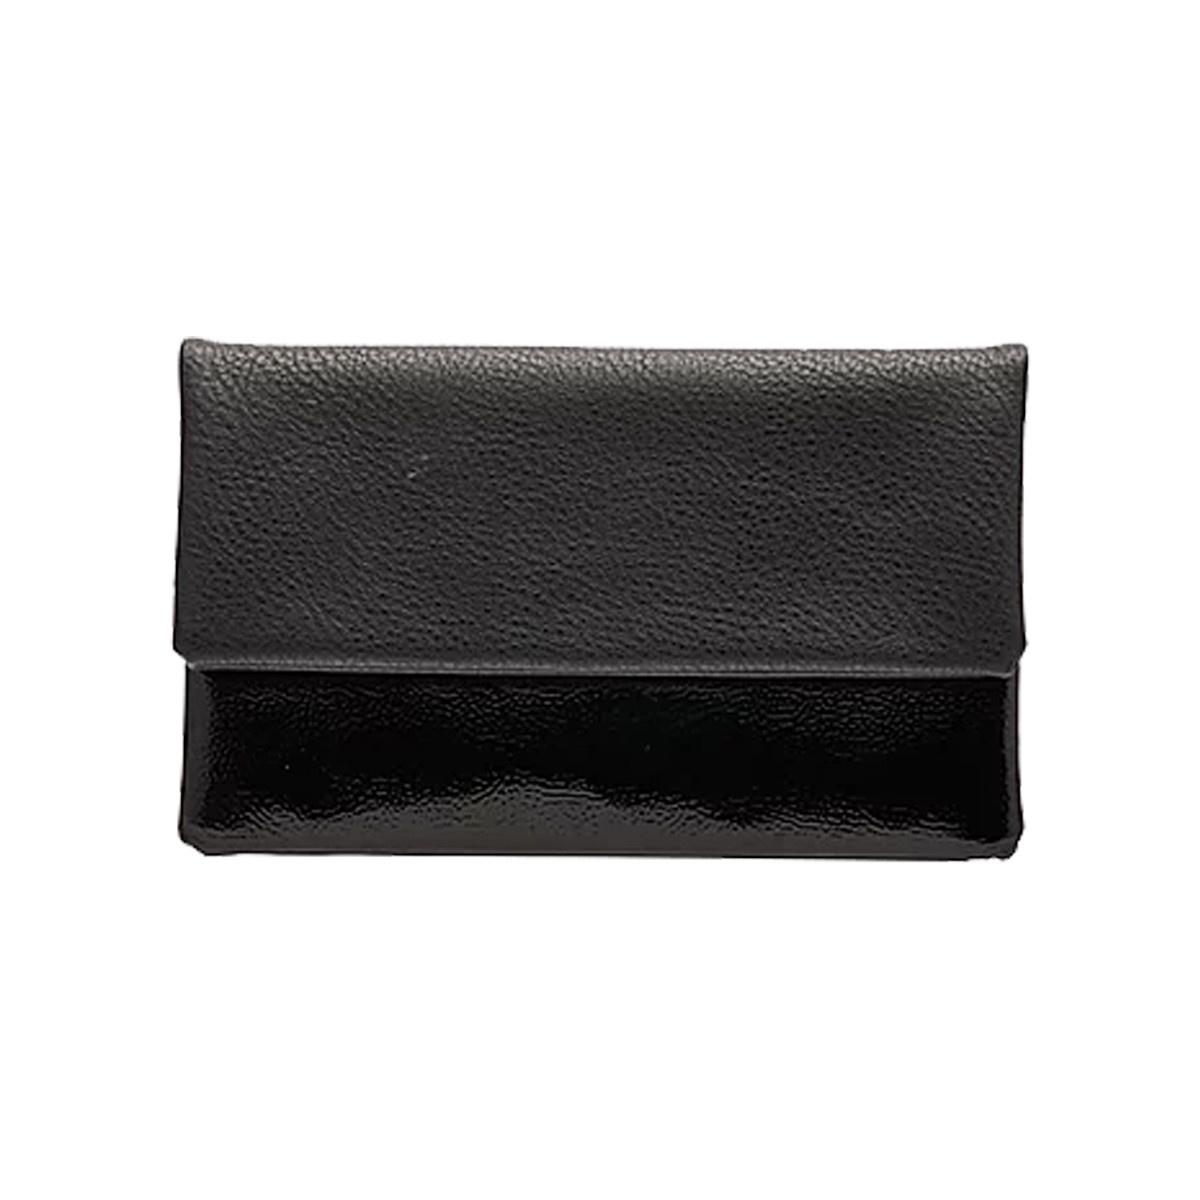 Louenhide Ziggy Clutch Wallet